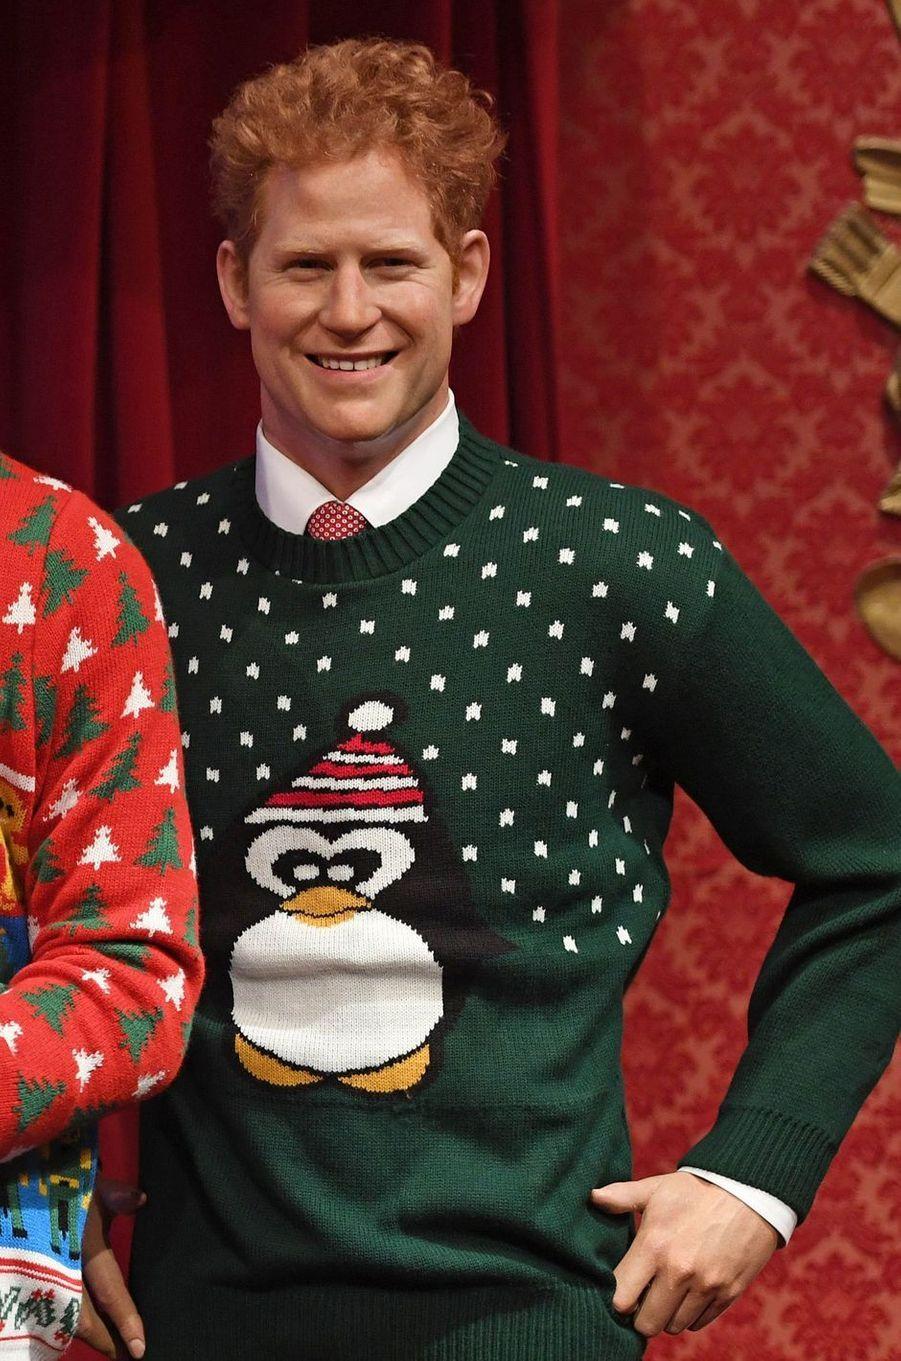 La statue de cire du prince Harry au musée Madame Tussauds à Londres en habits de Noël, le 6 décembre 2016